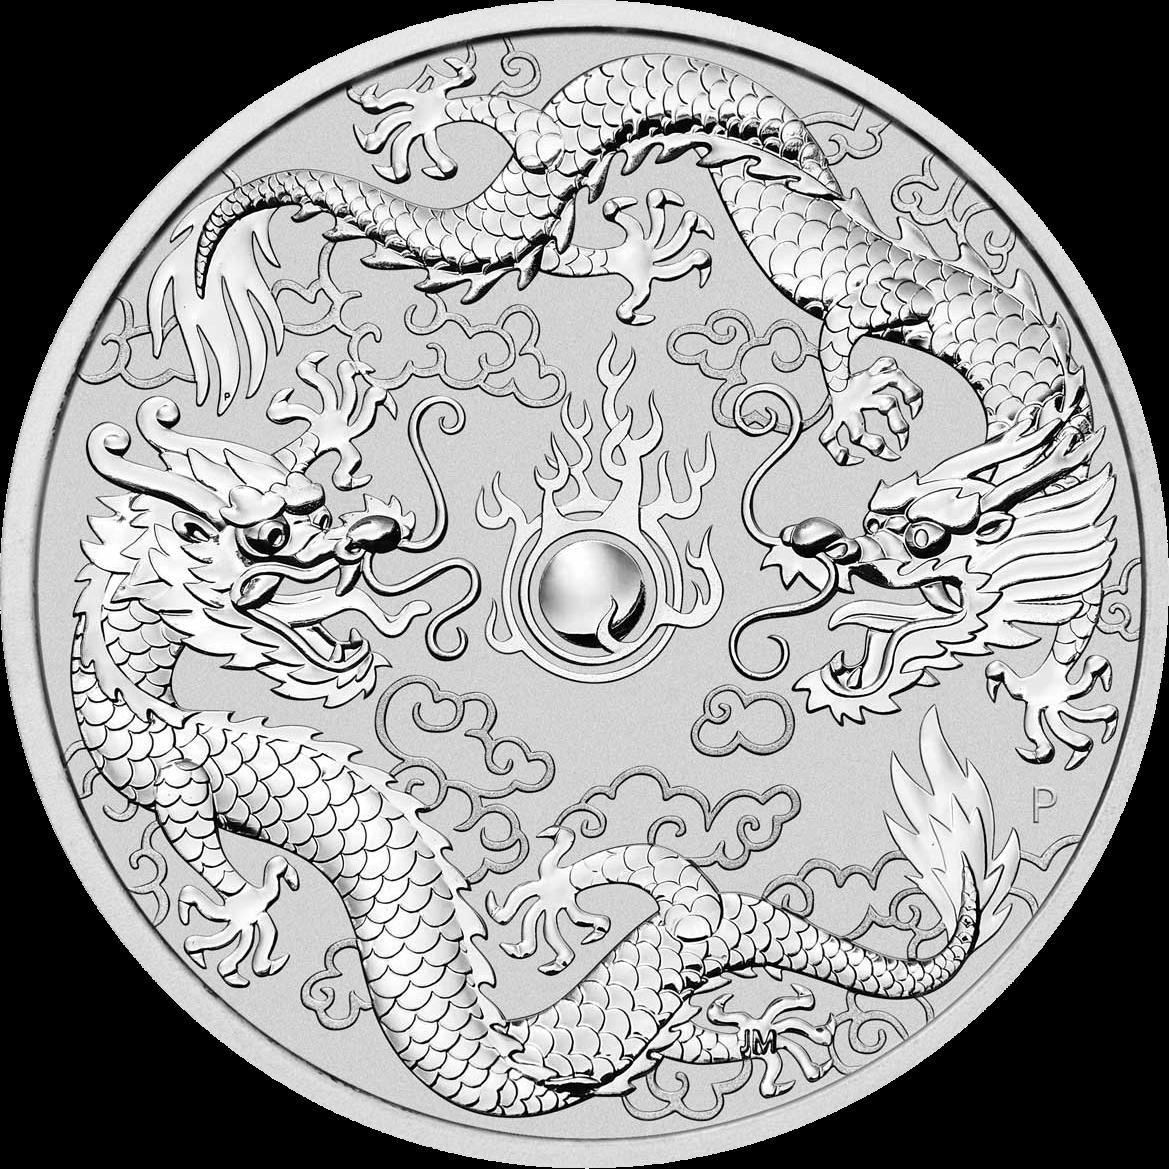 Австралия монета 1 доллар Двойной дракон, реверс